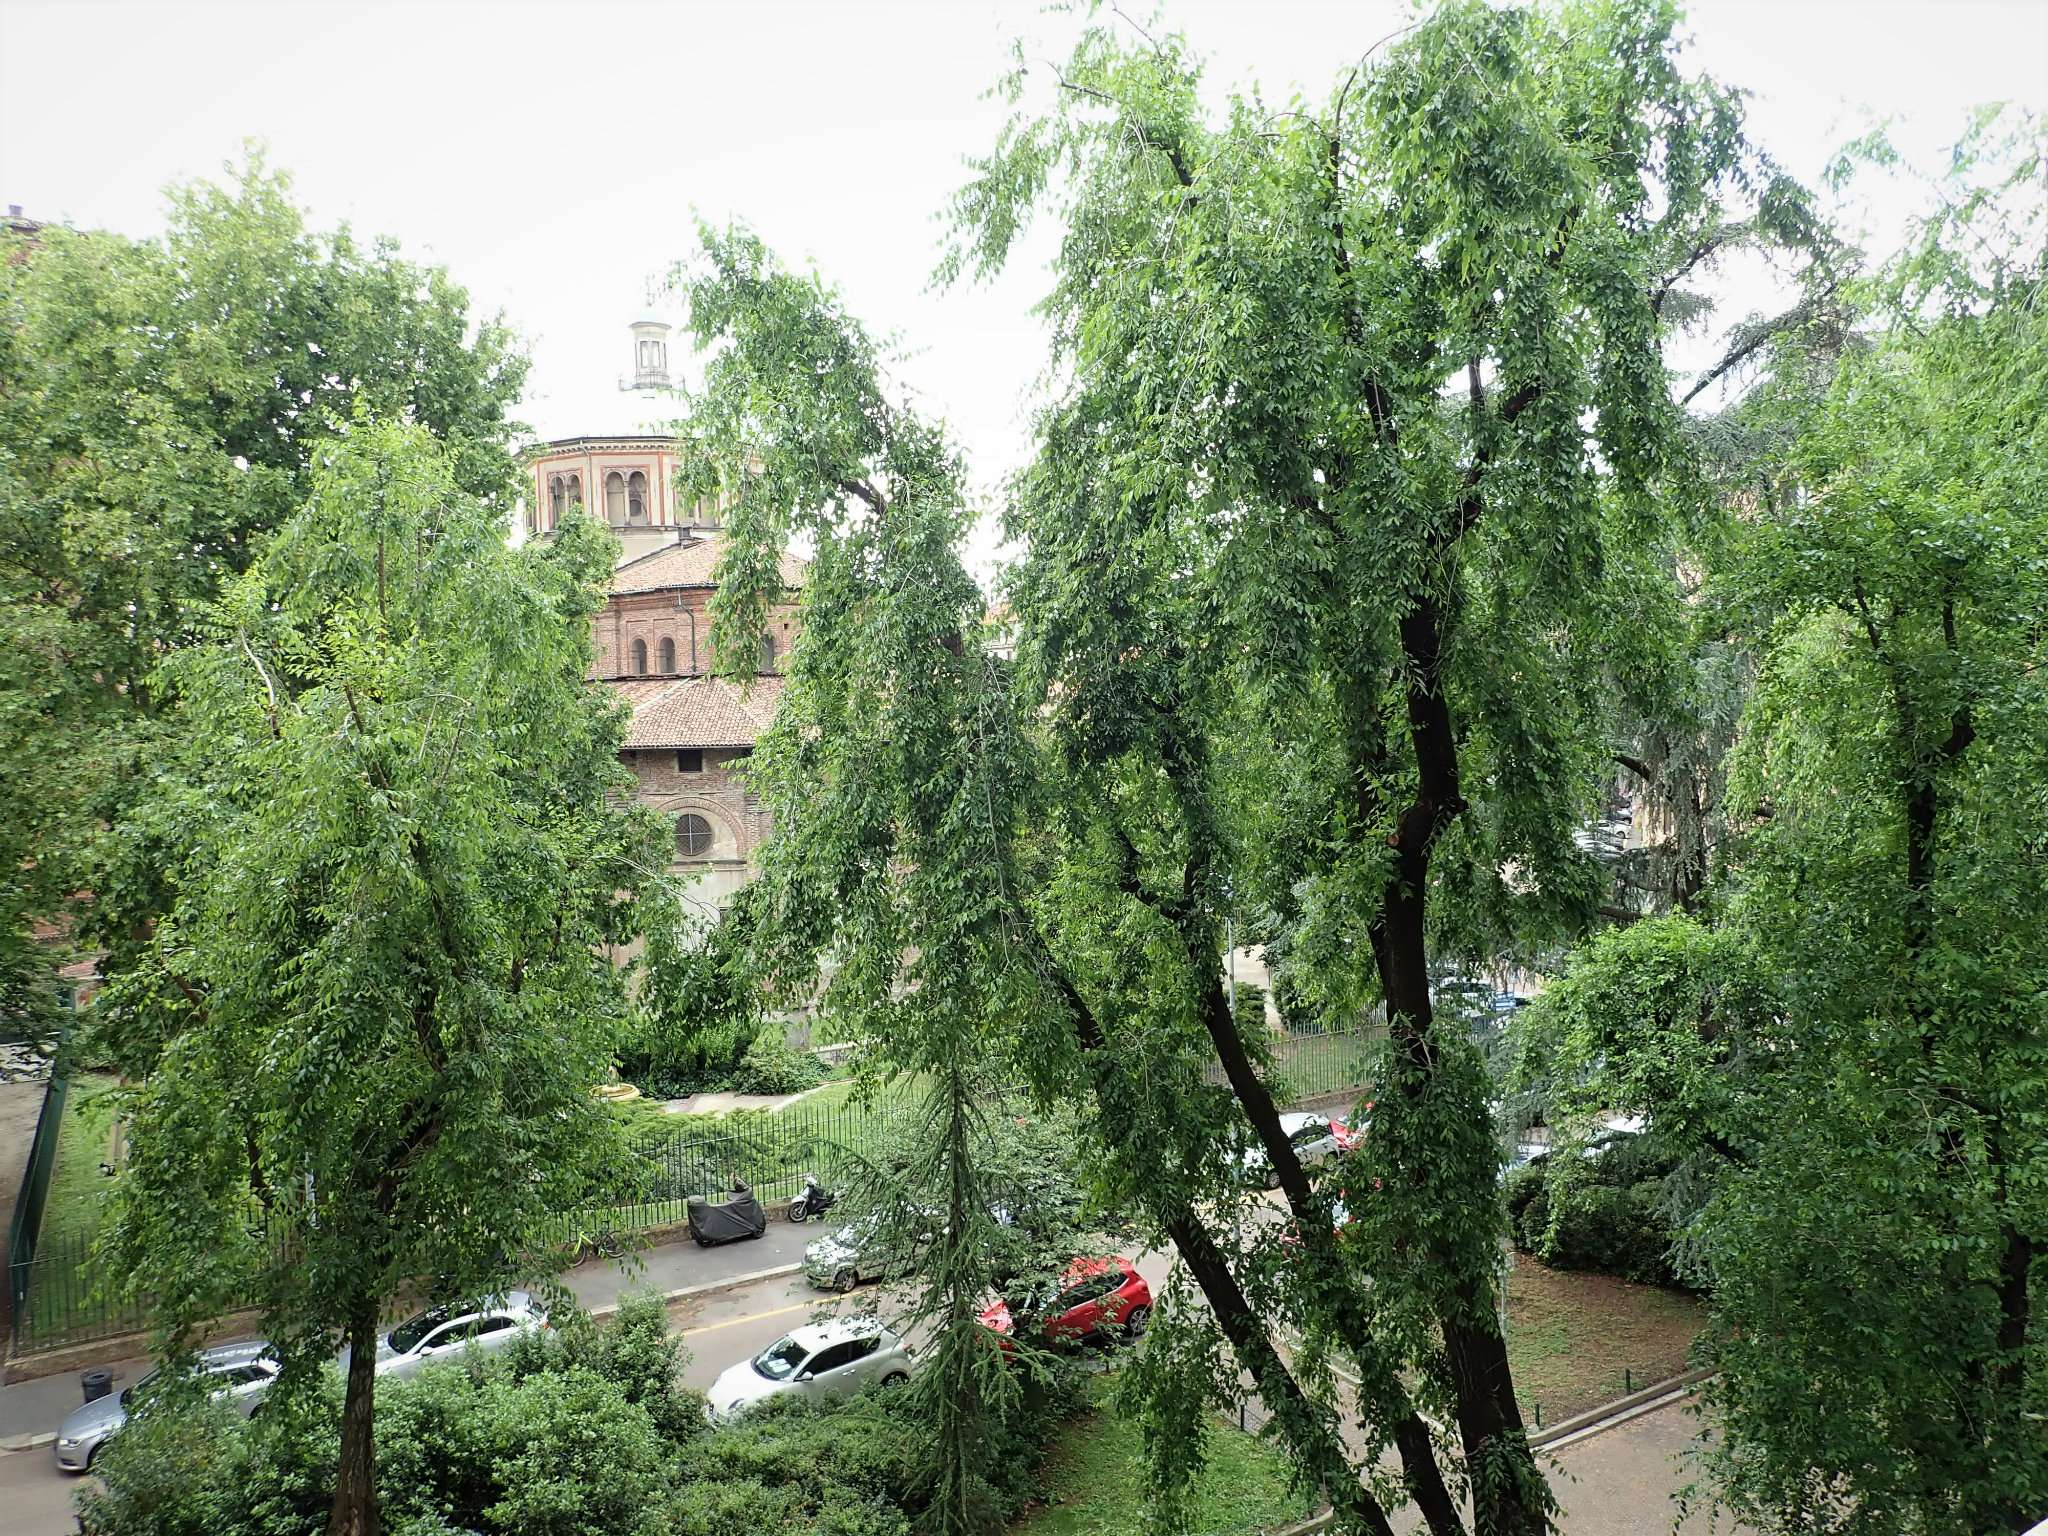 Appartamento in Vendita a Milano 01 Centro storico (Cerchia dei Navigli): 5 locali, 200 mq